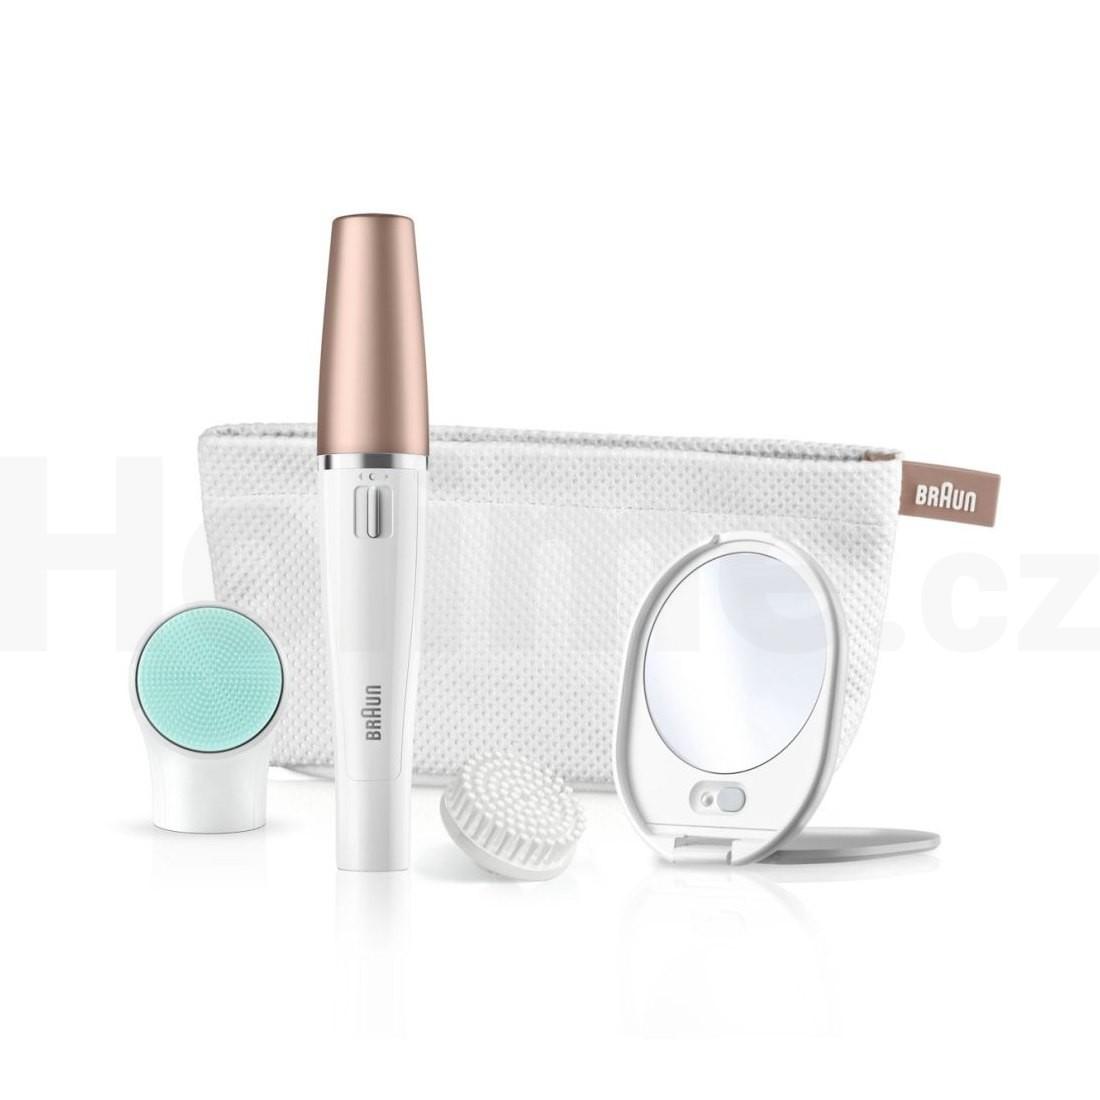 Braun FaceSpa 851V epilátor na obličej